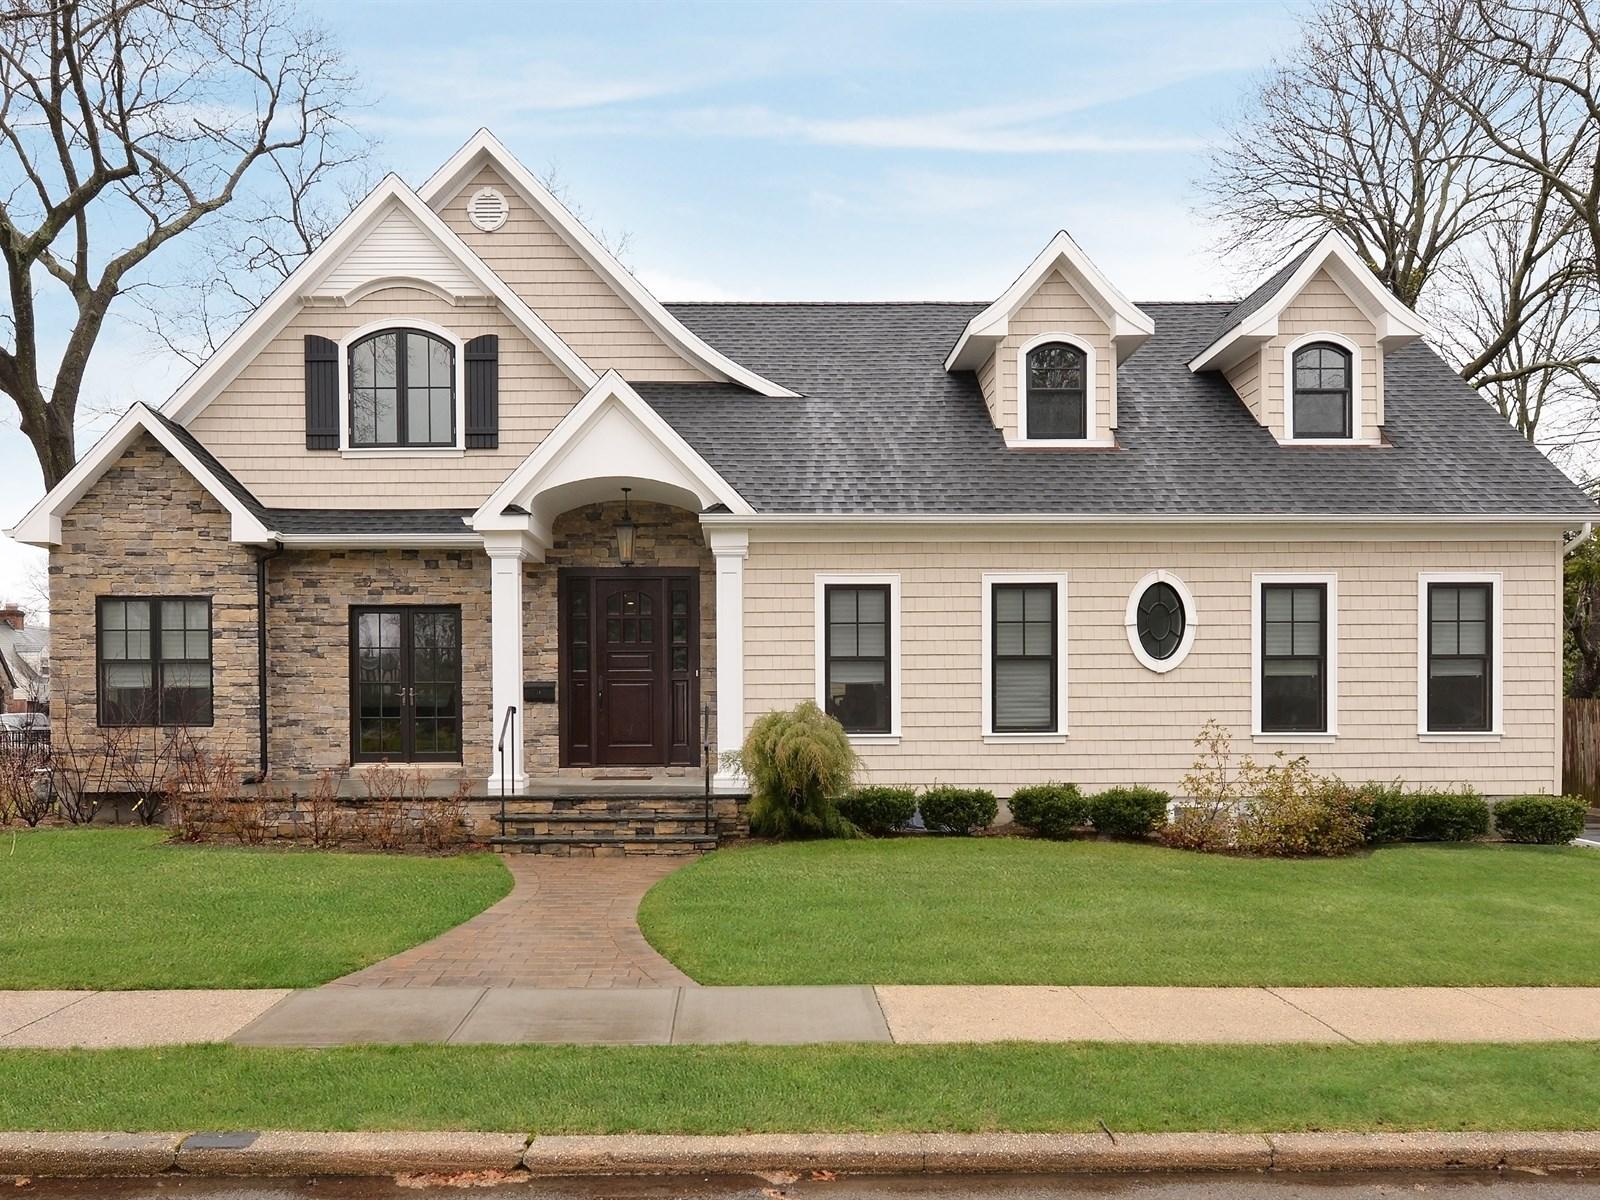 独户住宅 为 销售 在 Colonial 18 California St 罗克韦尔市, 纽约州, 11570 美国